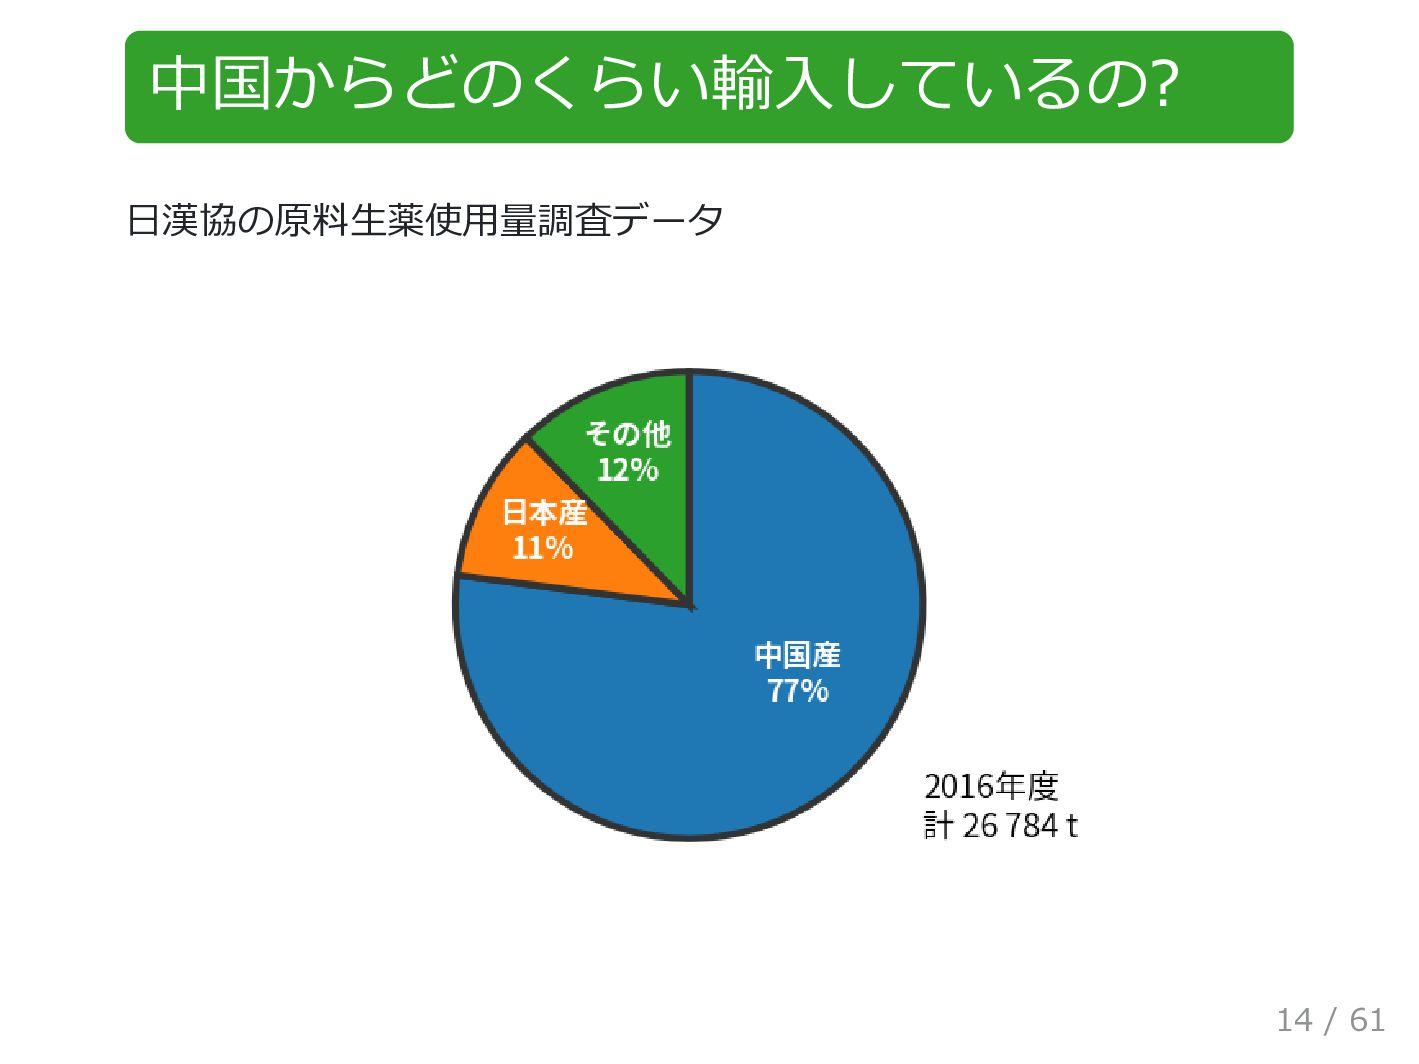 中国からどのくらい輸⼊しているの? ⽇漢協の原料⽣薬使⽤量調査データ 14 / 61